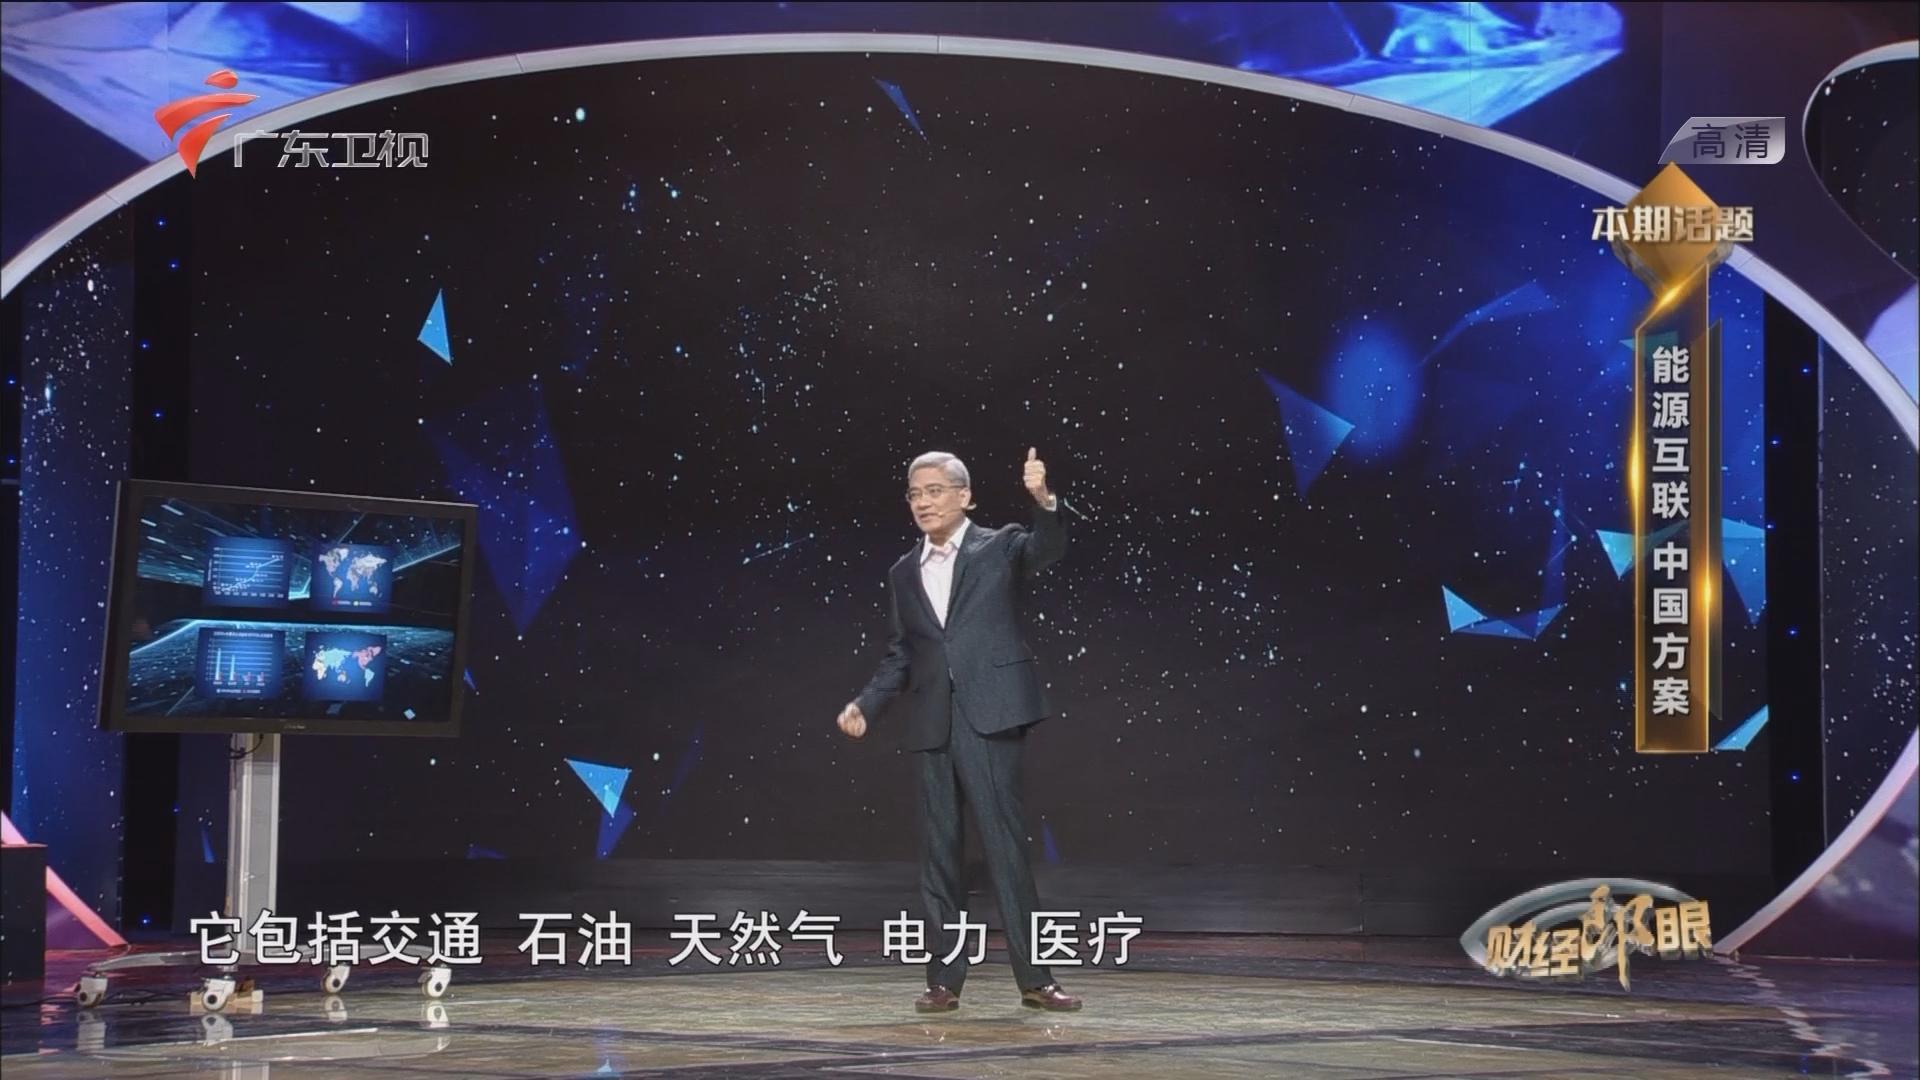 能源互联 中国方案·郎来了